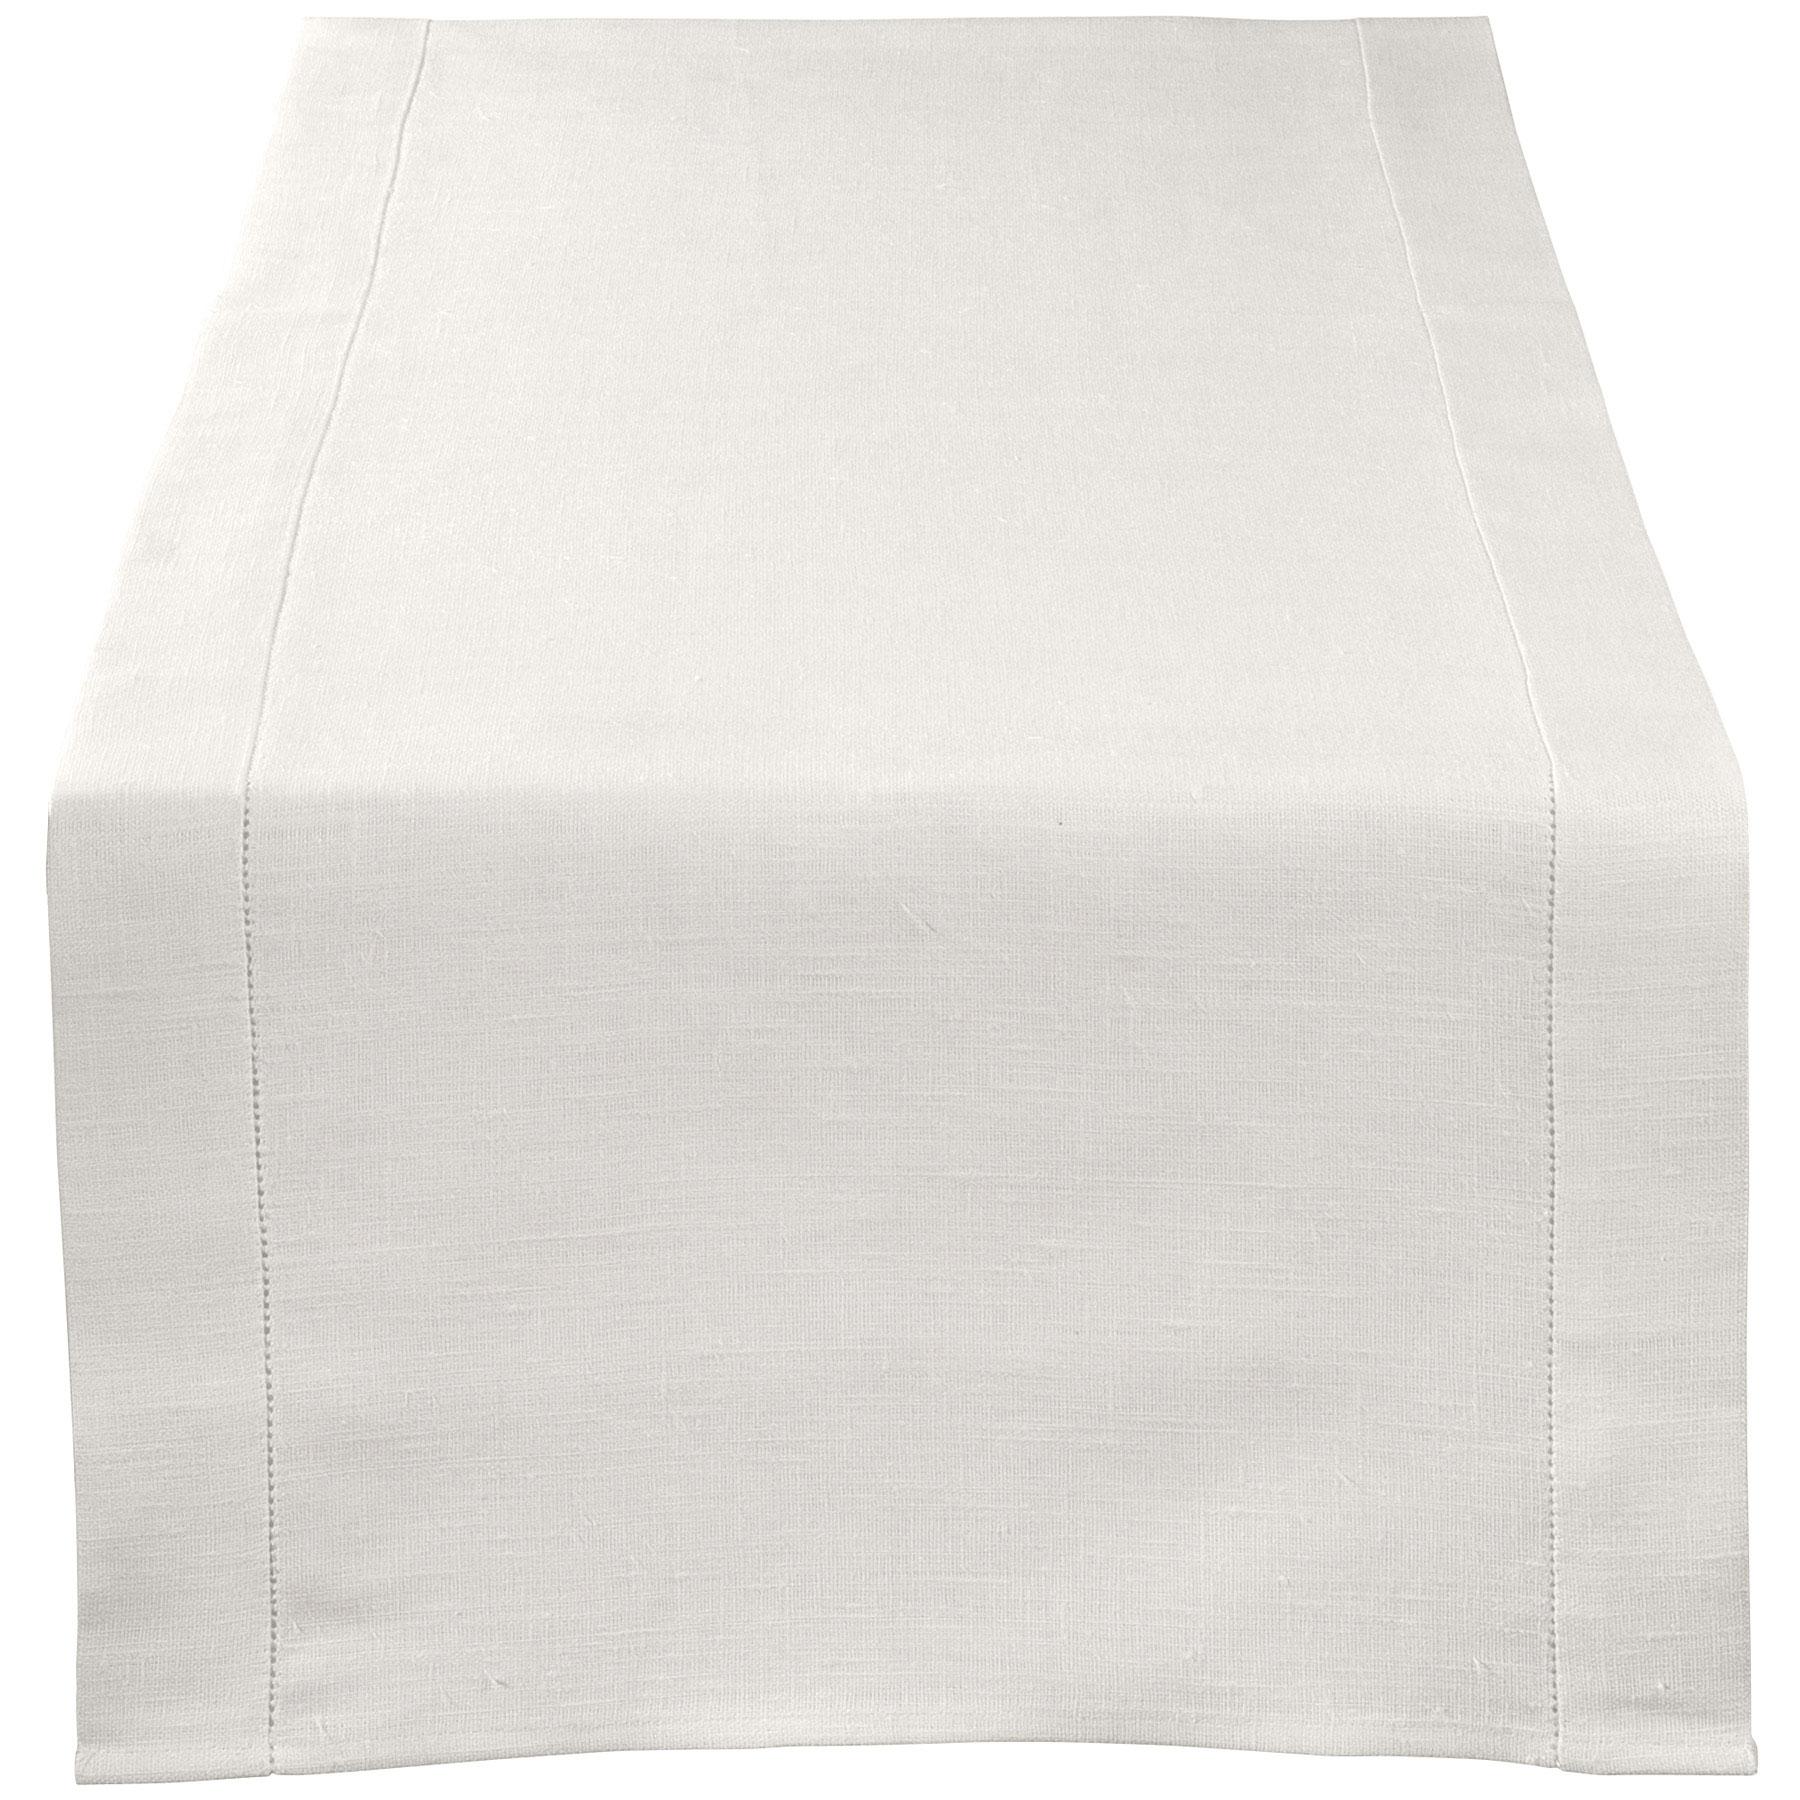 TABLE RUNNER <br />natural white